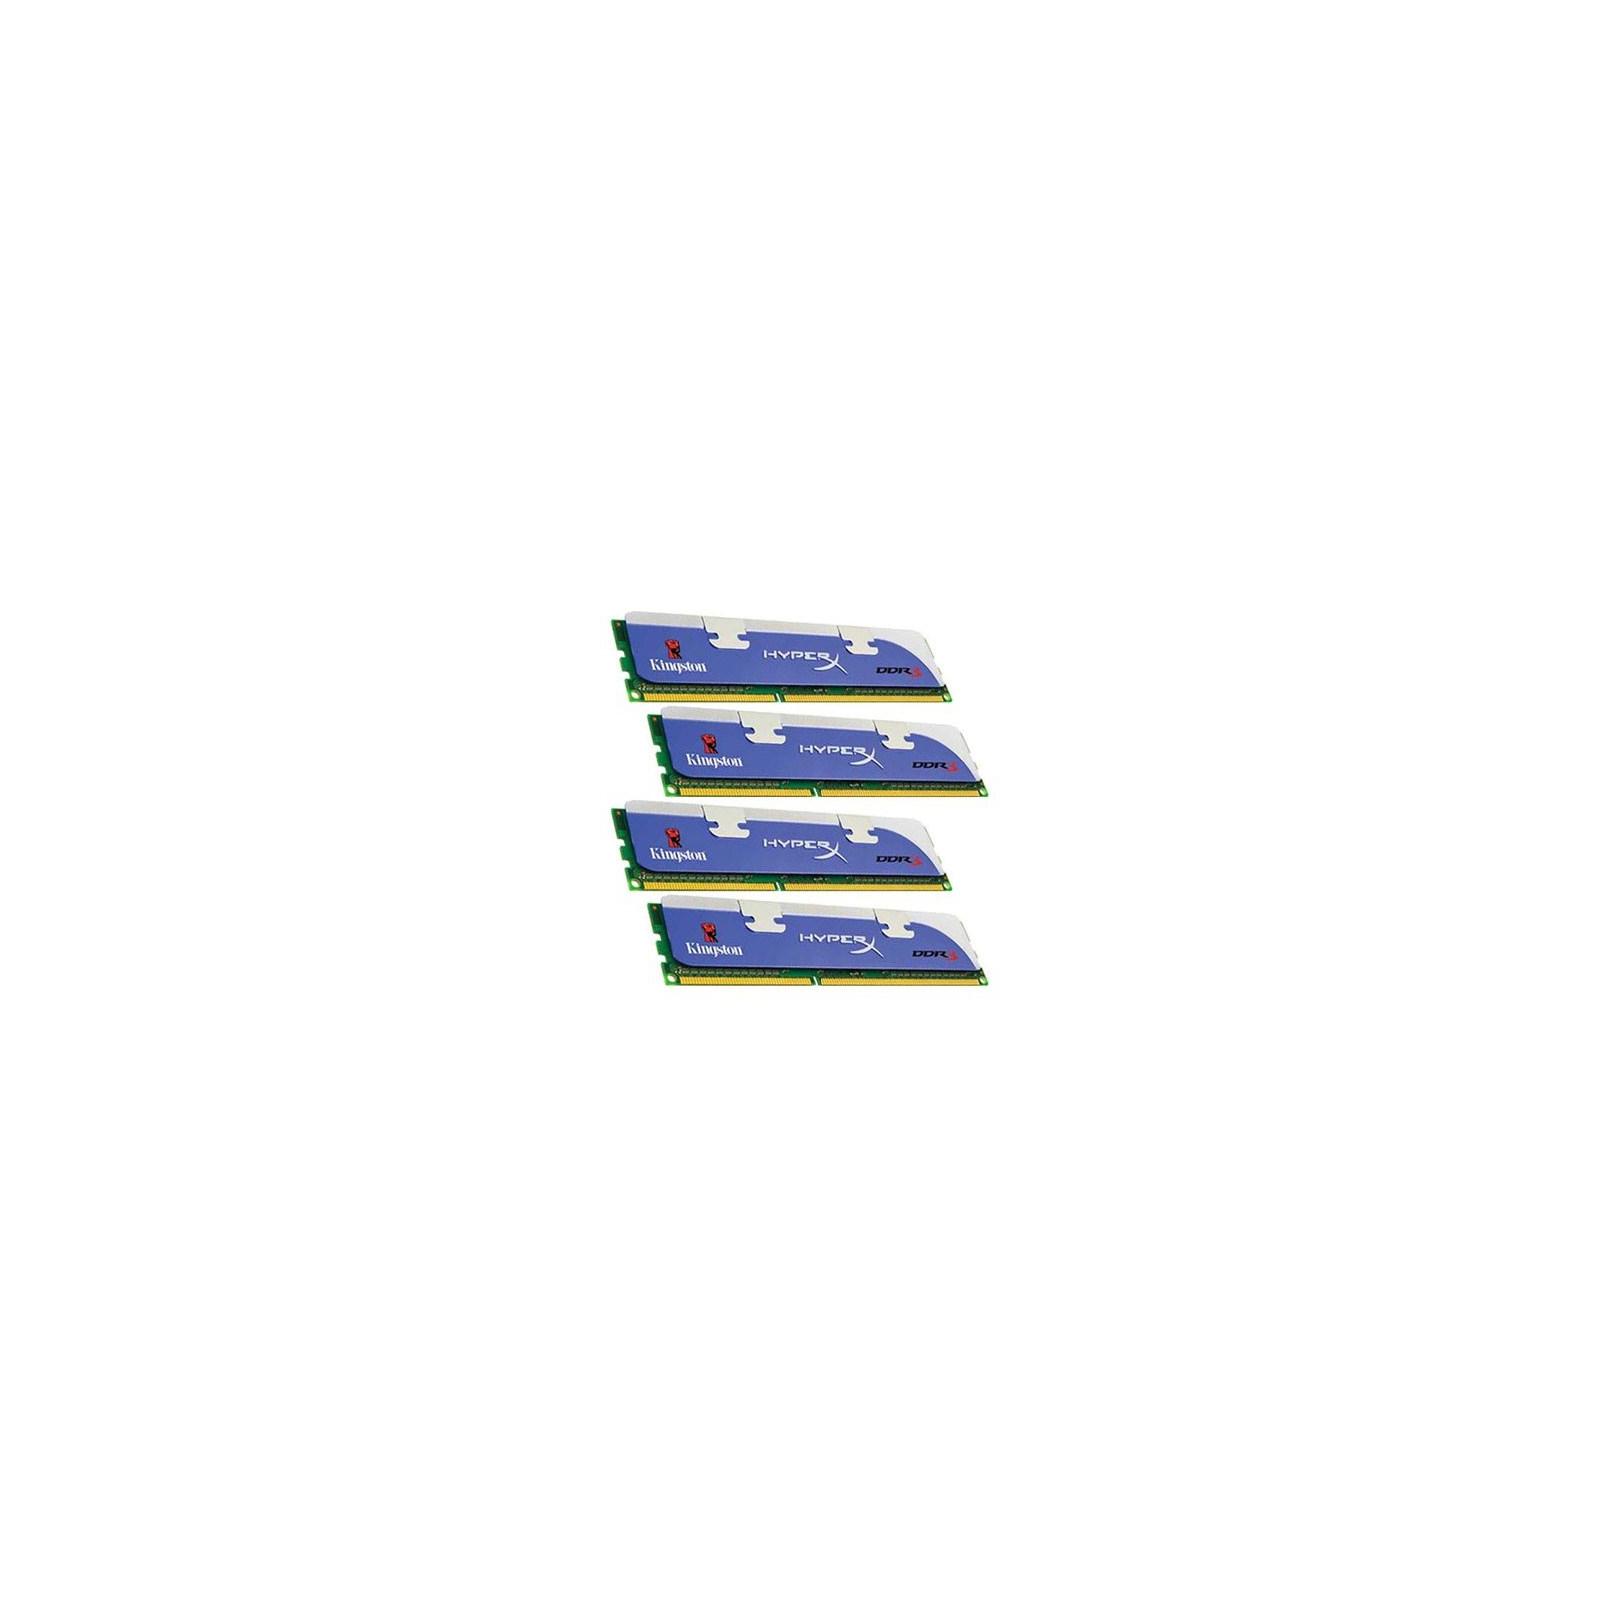 Модуль памяти для компьютера DDR3 8GB (4x2GB) 1600 MHz Kingston (KHX1600C9D3K4/8GX)